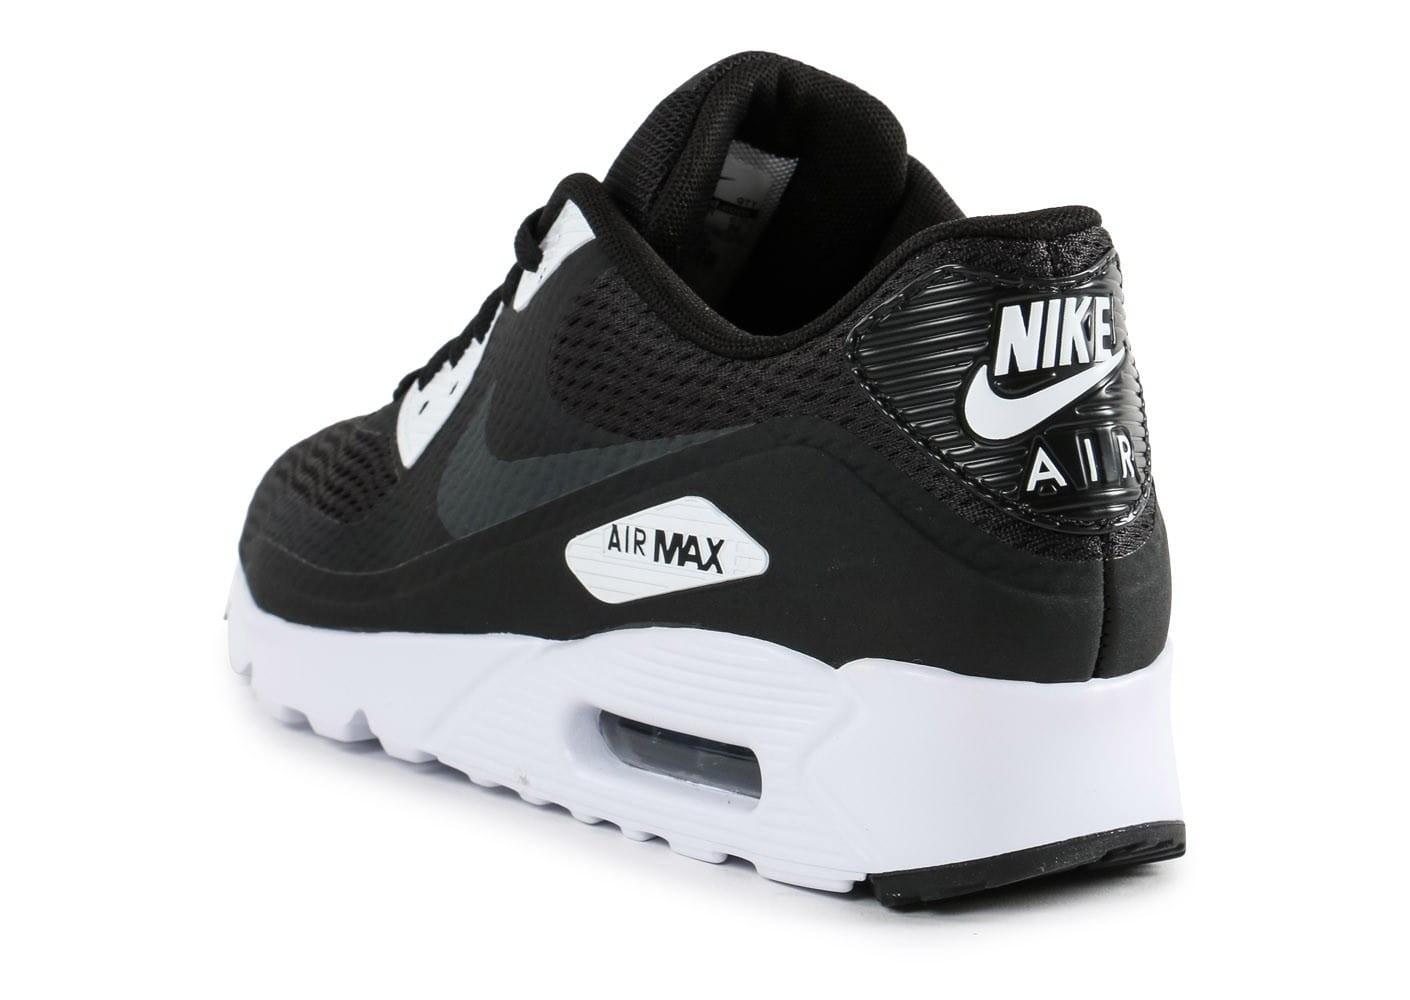 air max noir et blanc 90